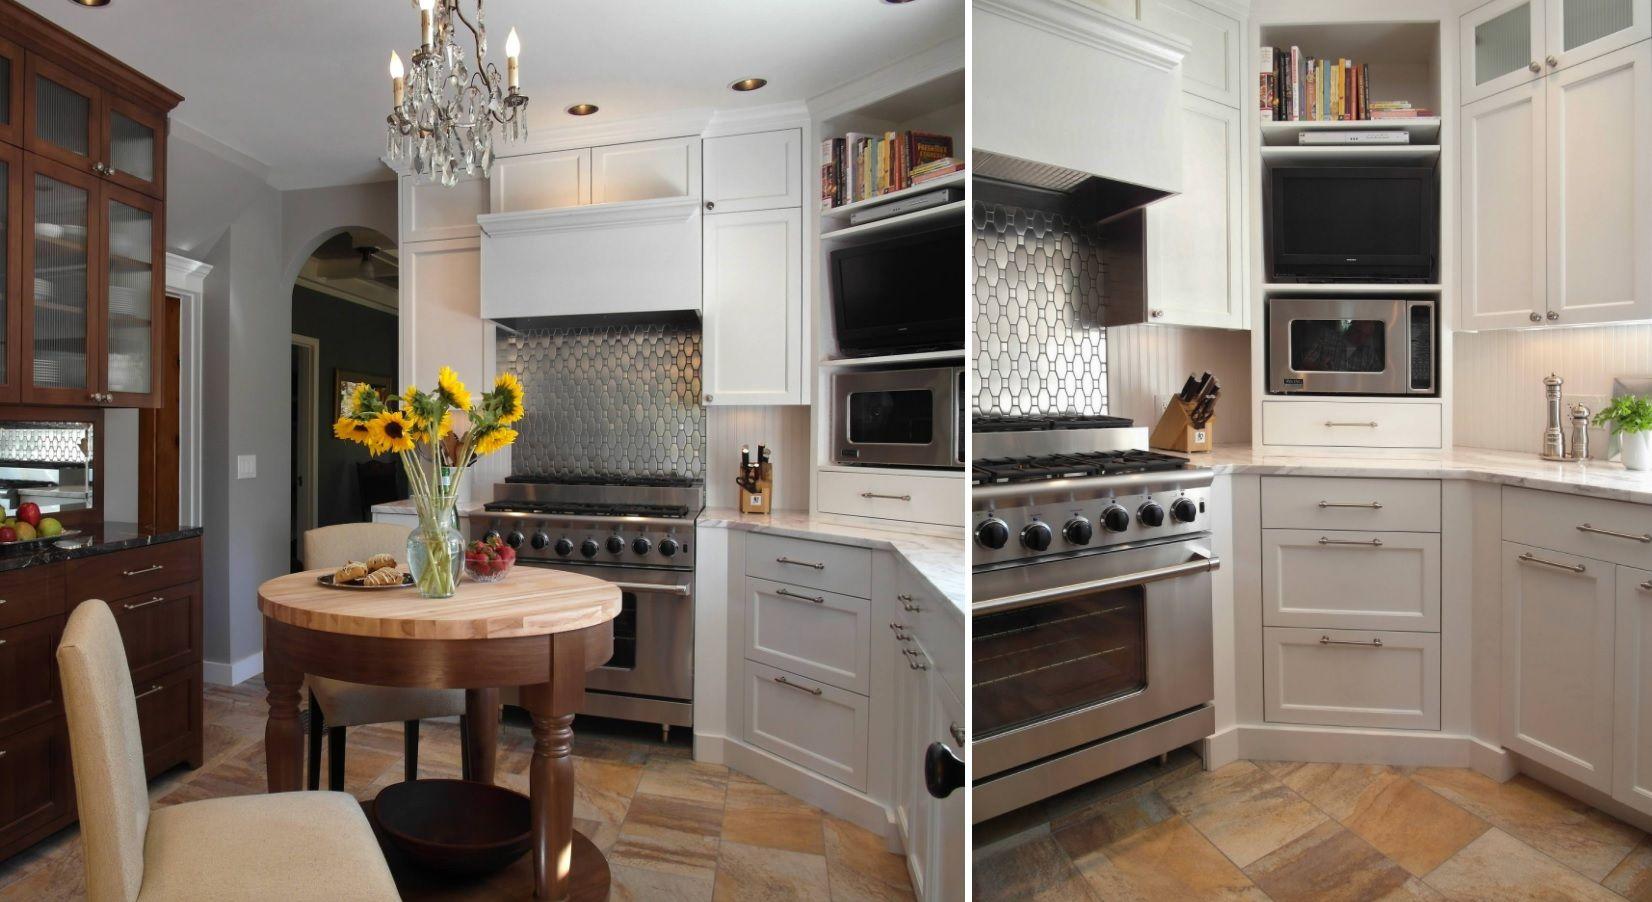 über küchenschrank ideen zu dekorieren  eckschrankideen die ihren küchenraum optimieren  küche